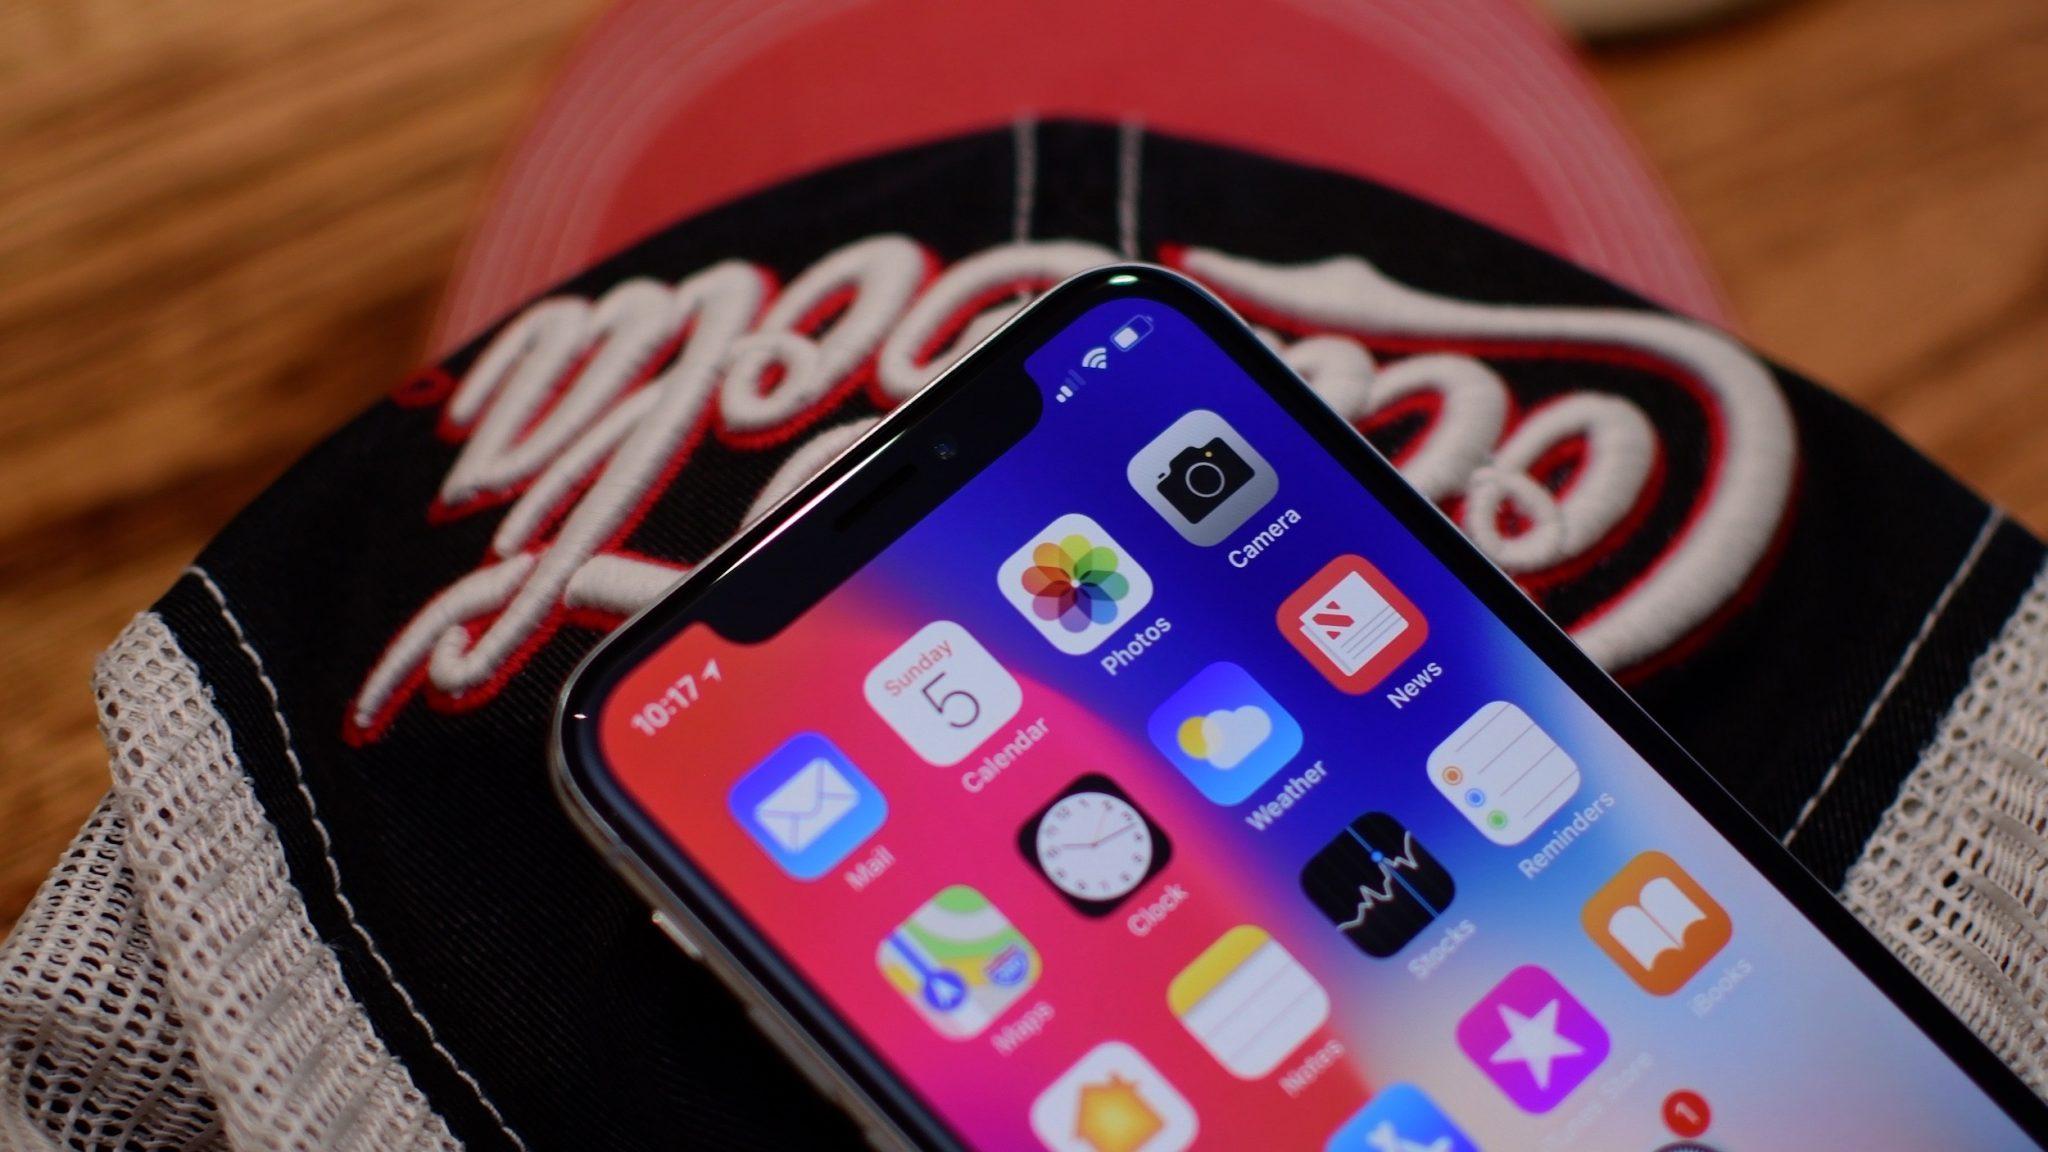 Вьетнамцам удалось взломать технологию распознавания лиц iPhone X